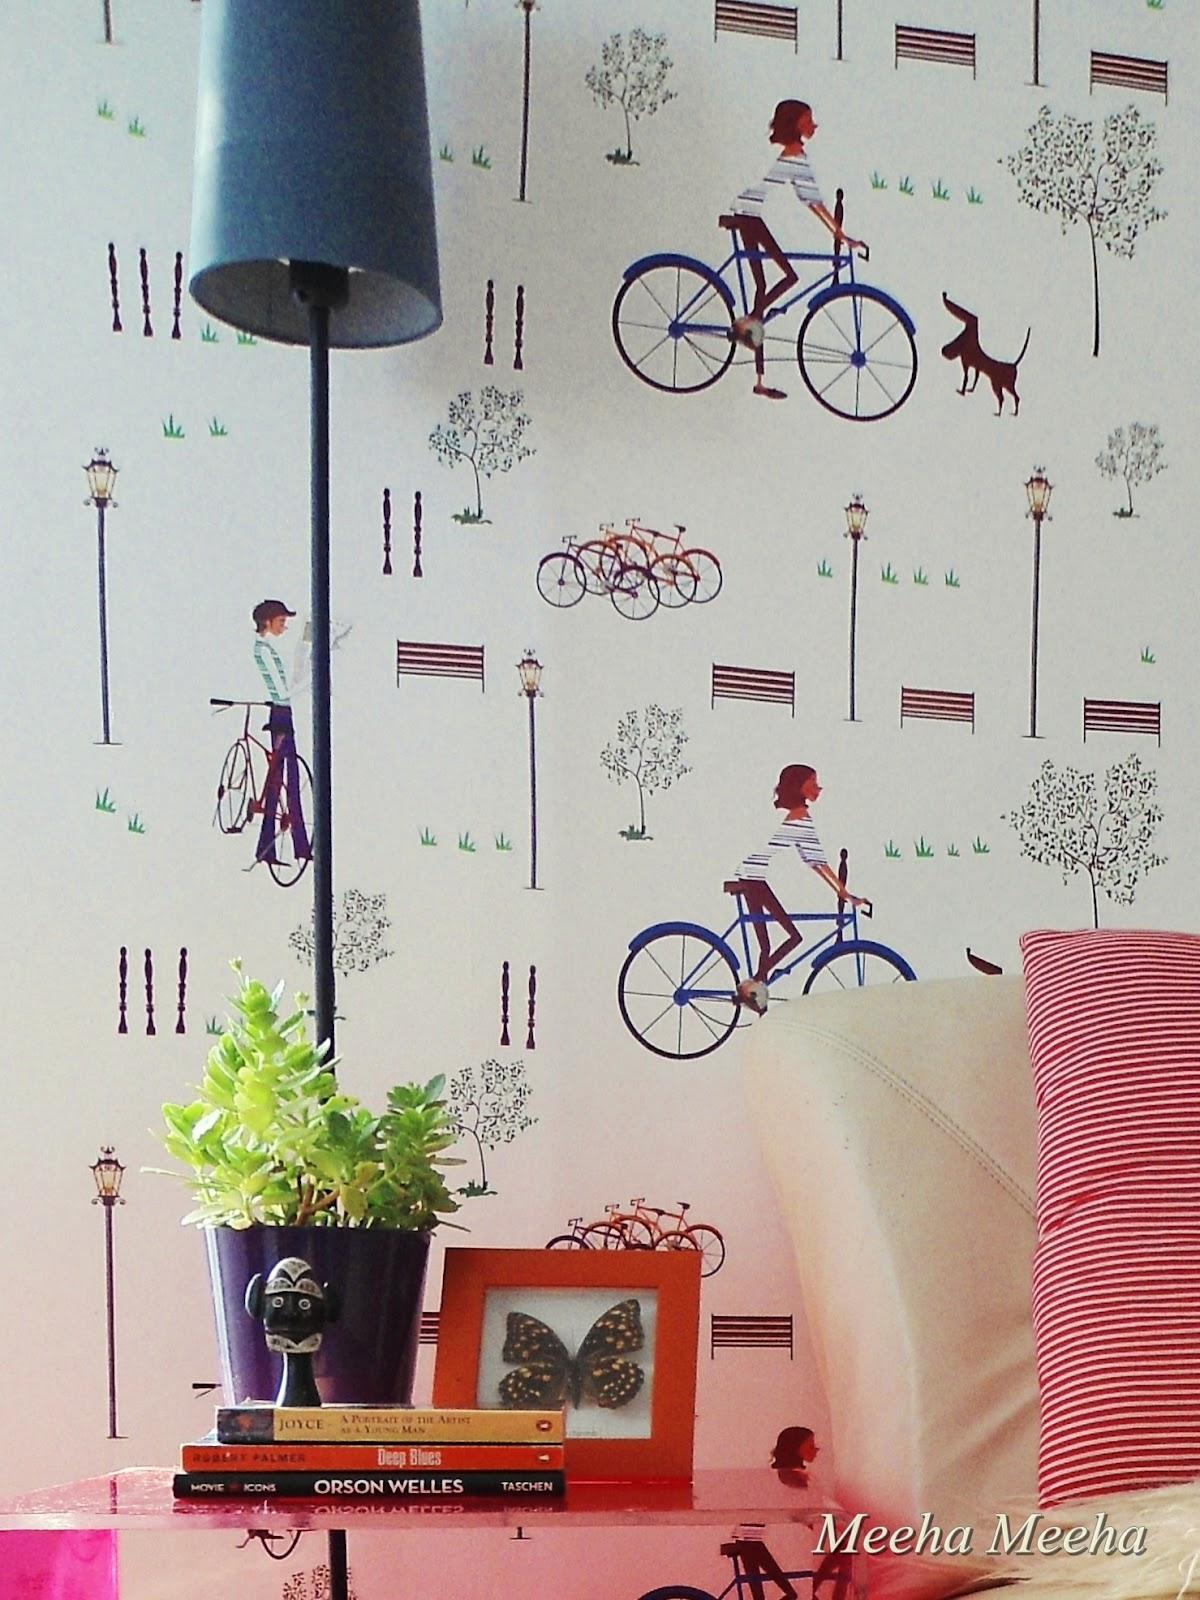 http://1.bp.blogspot.com/-8CATmtQizDA/T14MyFt76KI/AAAAAAAAA20/oEFDZ_djpzg/s1600/faux+wallpaper+19.JPG